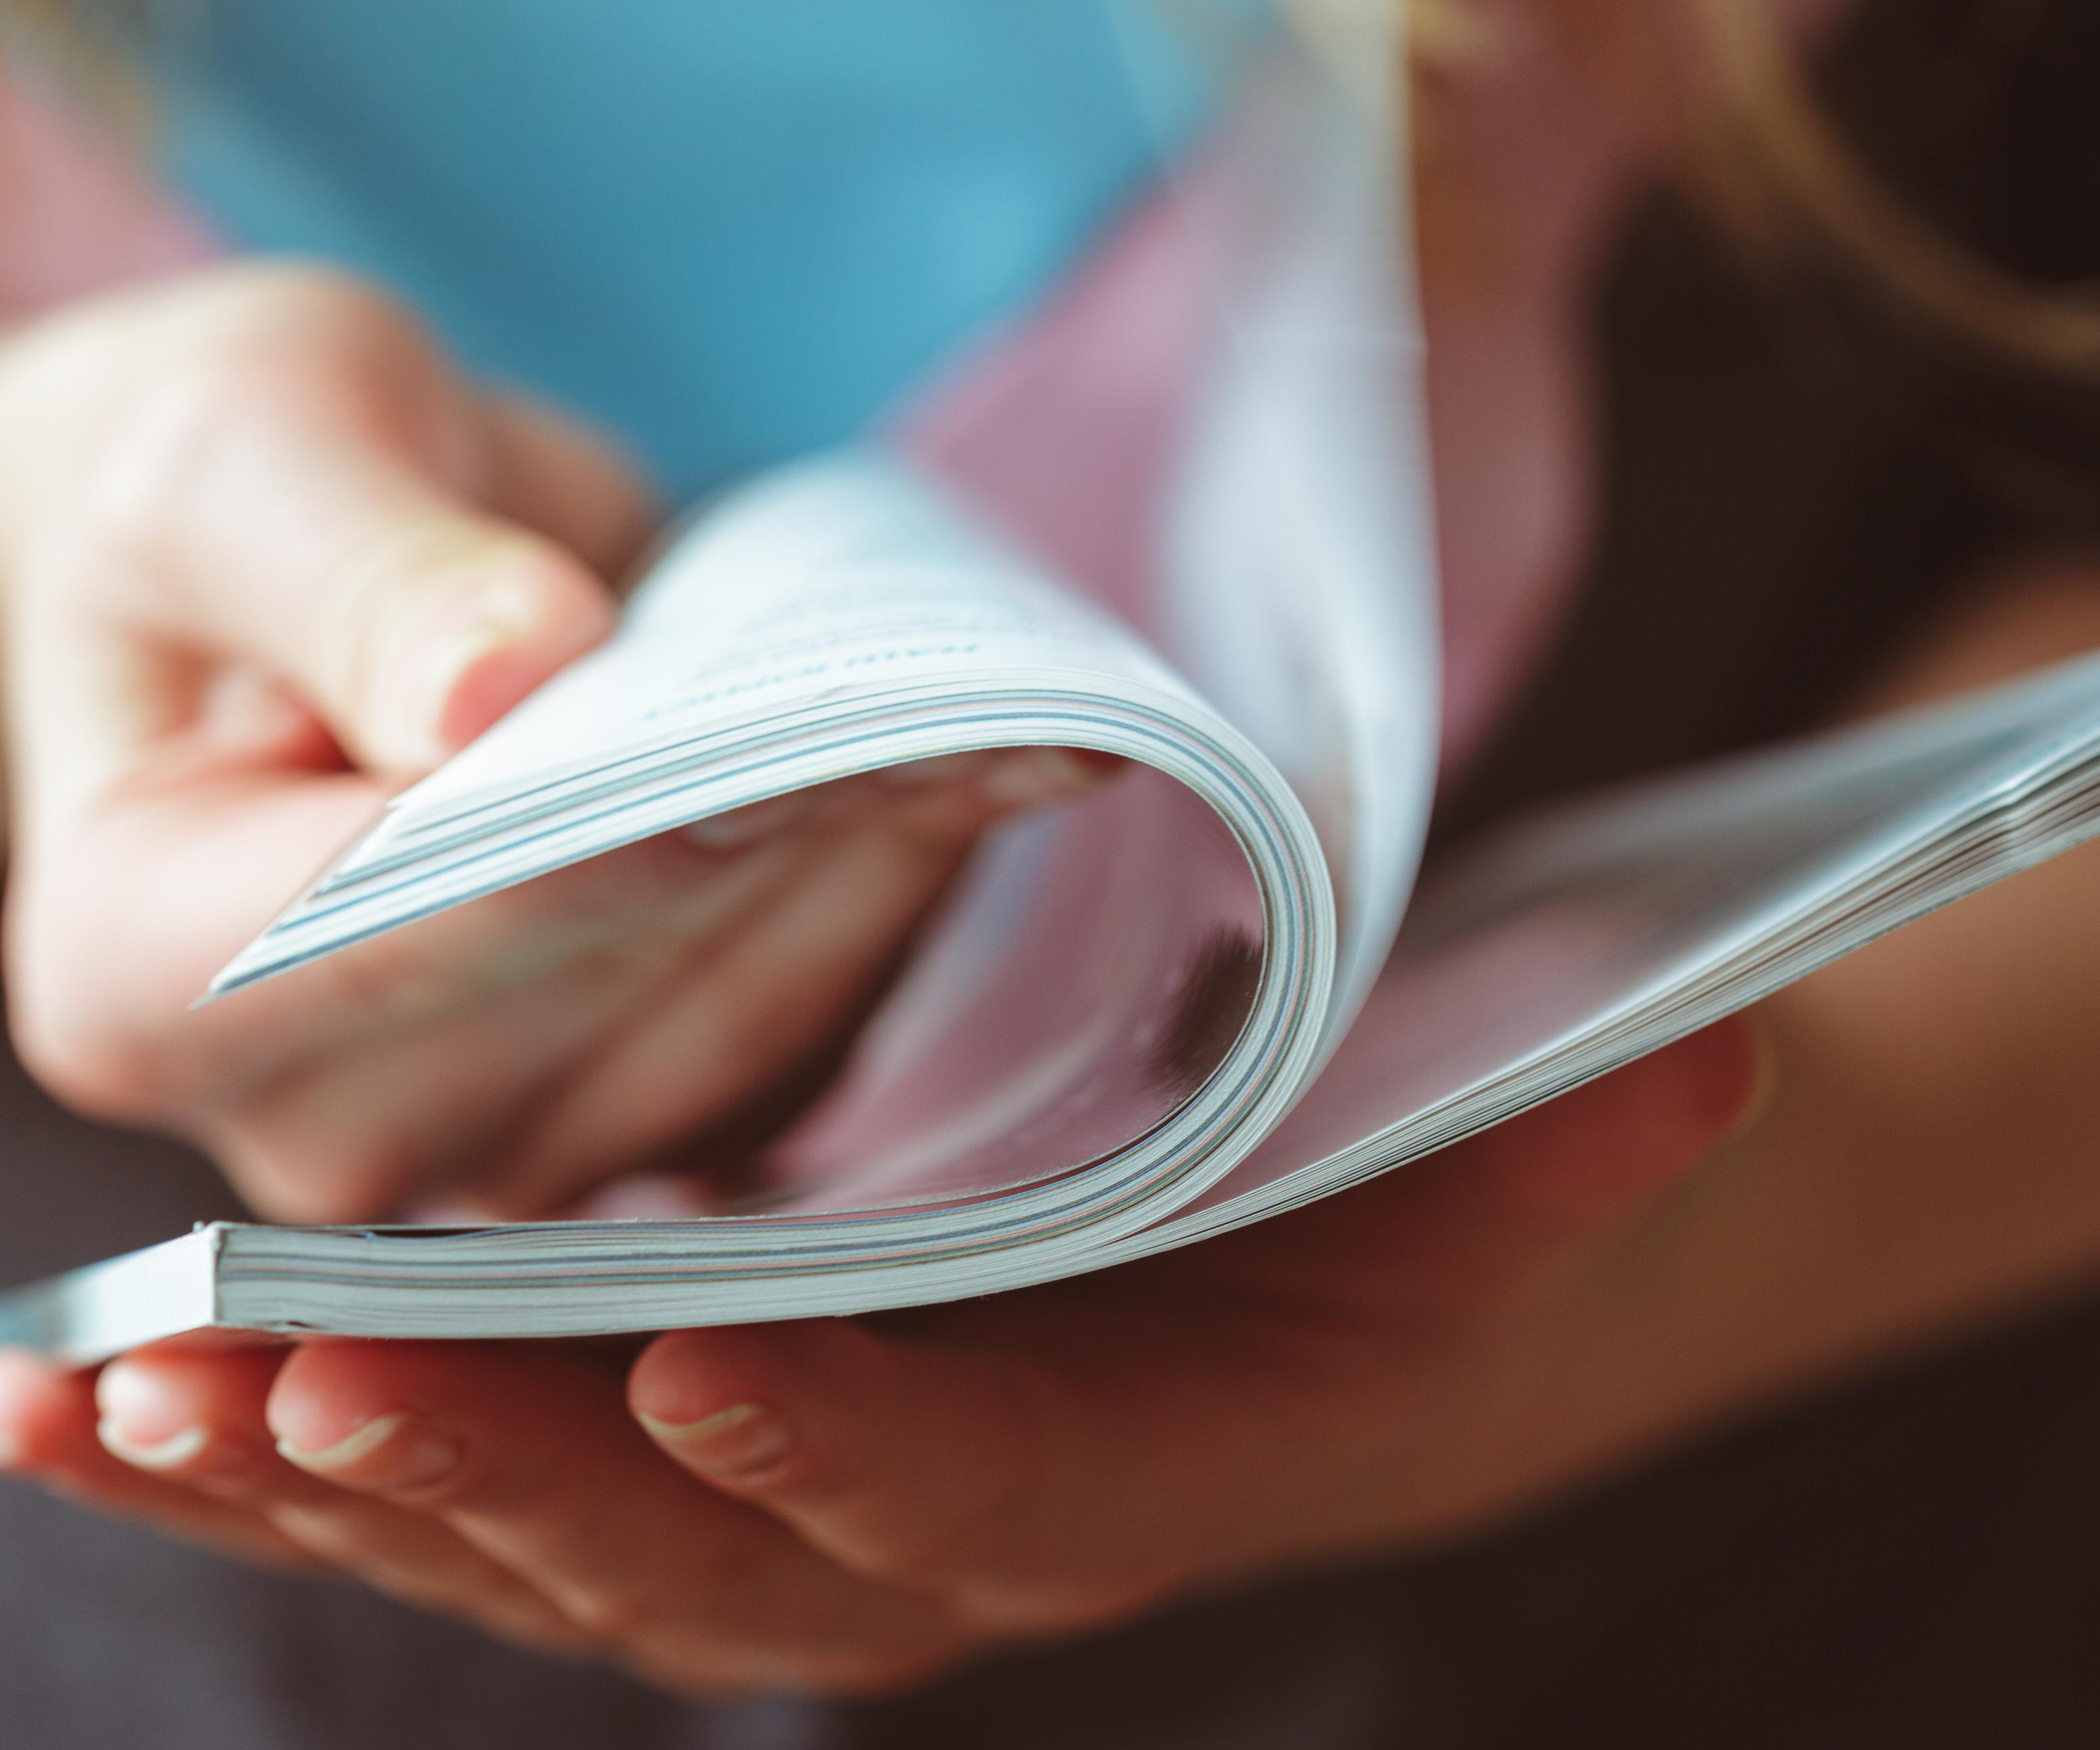 阅读最新一期的塑料技术杂志188金宝怎么注册